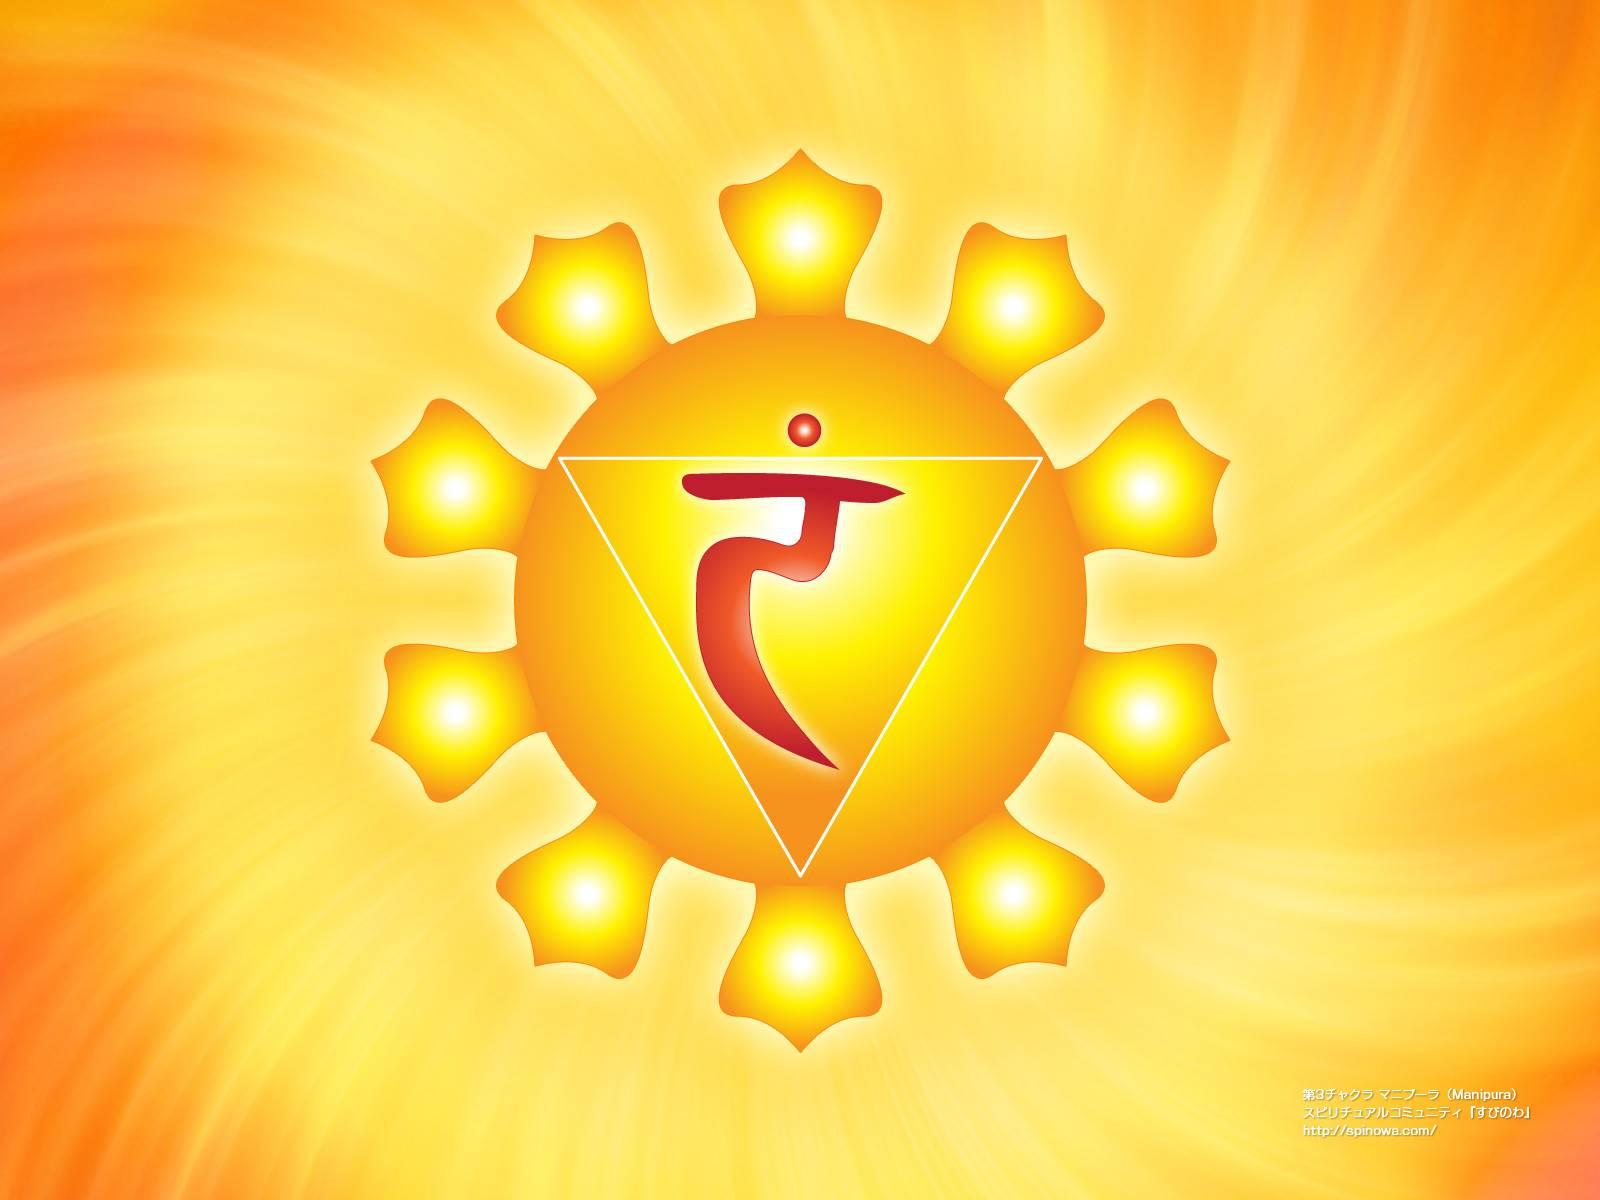 Манипура чакра: развитие, степень раскрытия, работа третьей чакры